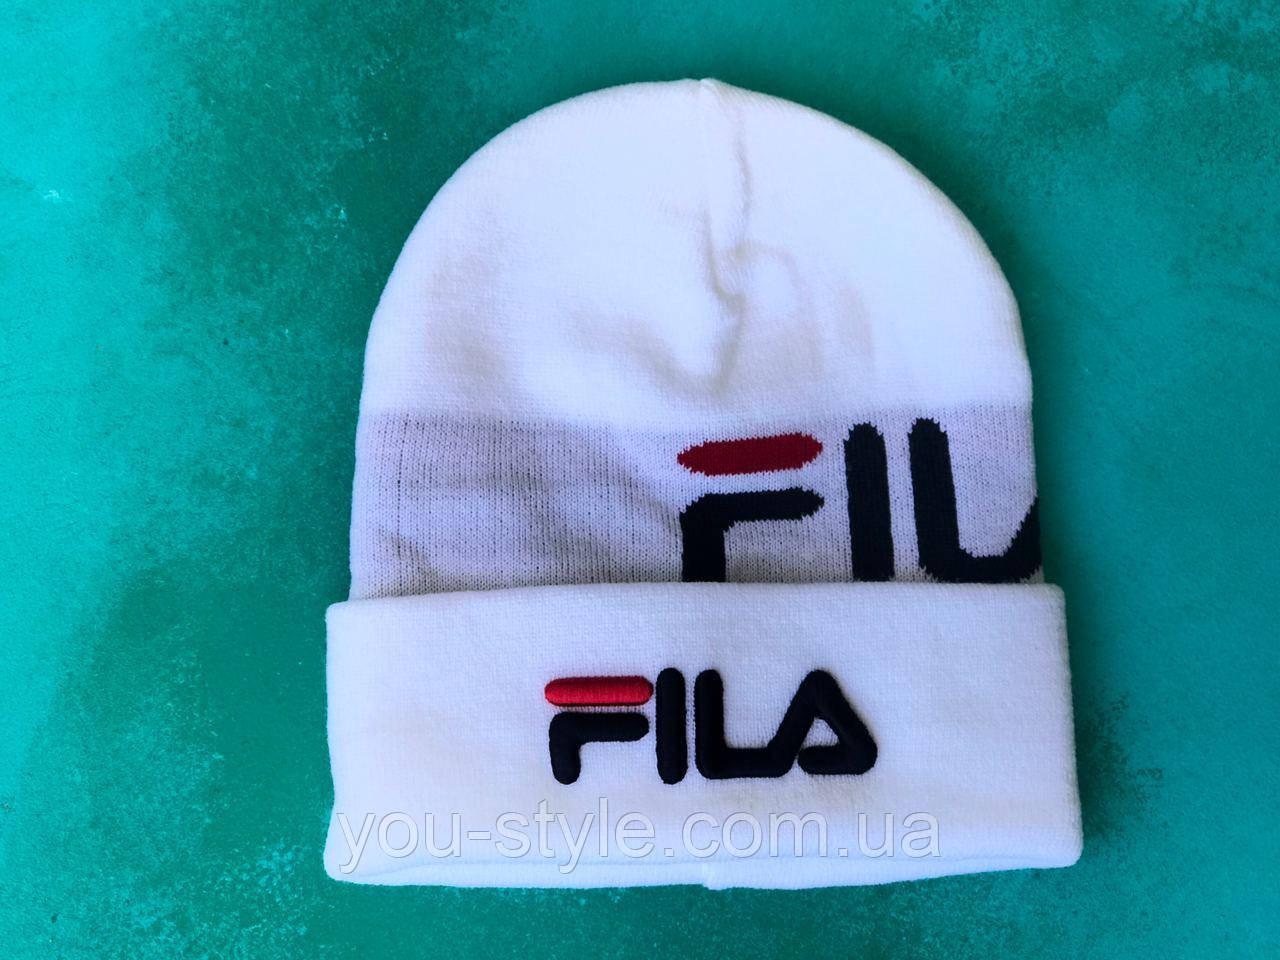 Шапка Fila  / шапка фила/ шапка женская/шапка мужская/белый